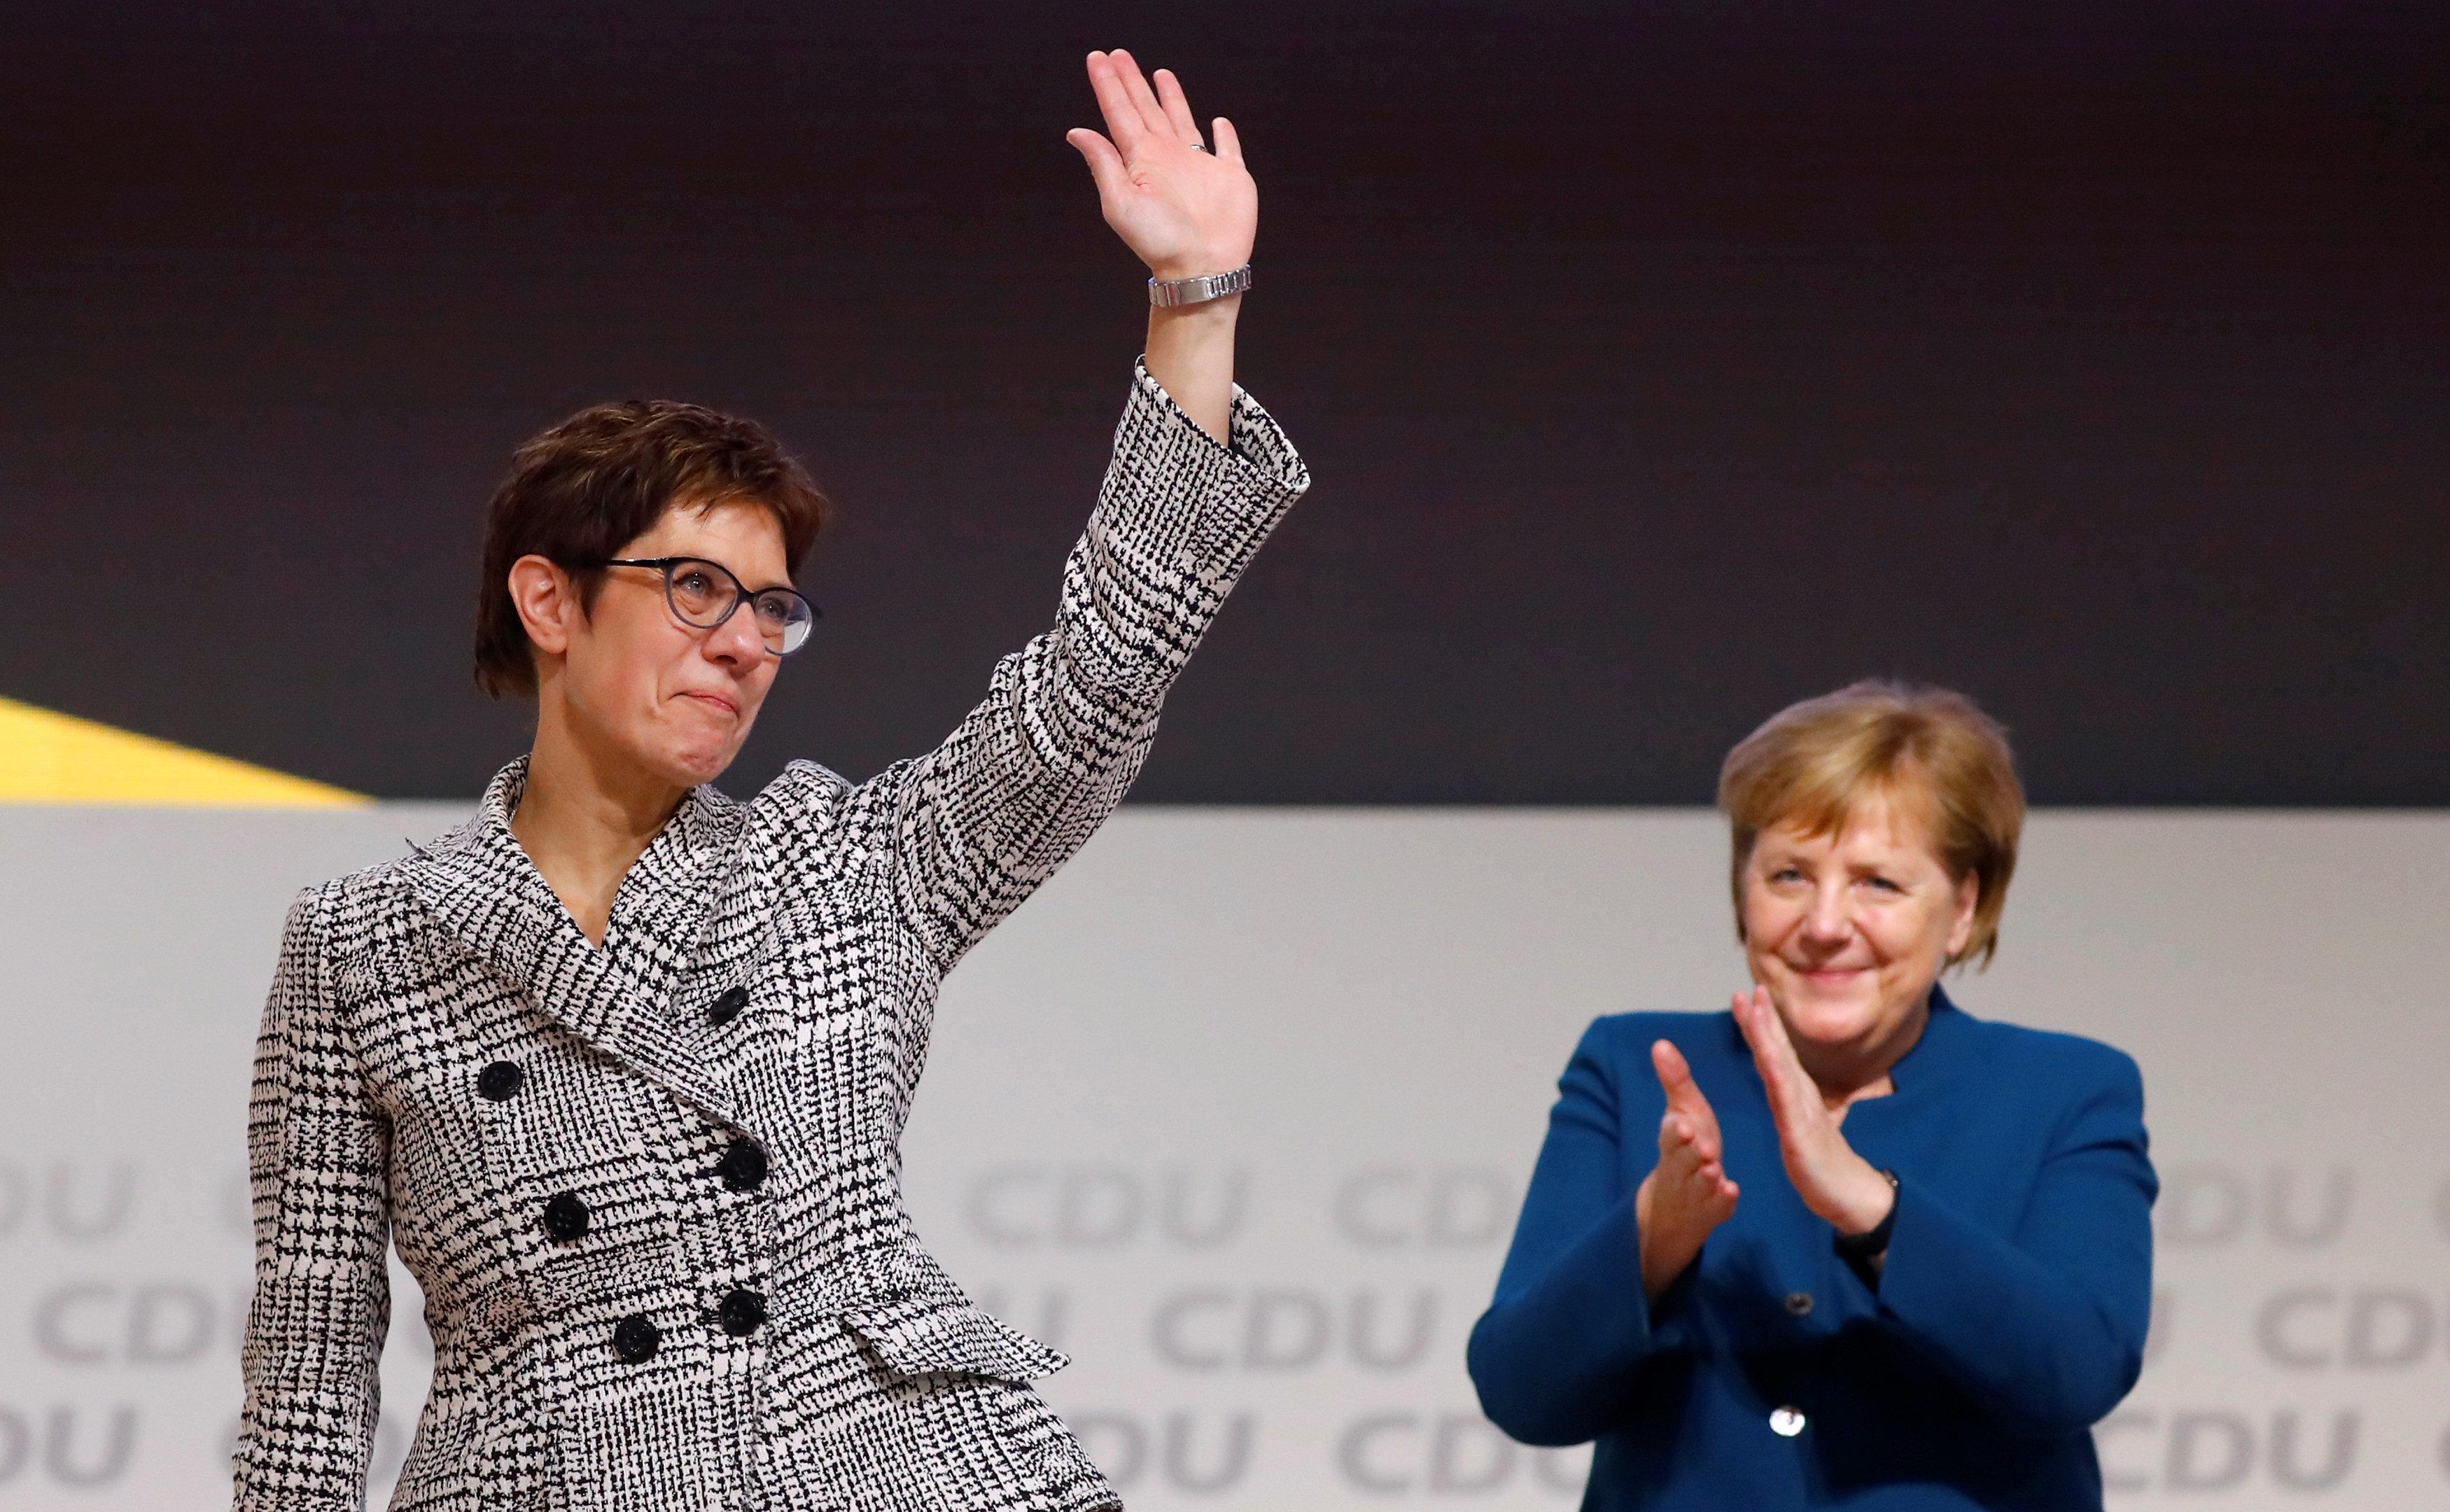 Η Ανεγκρετ Κραμπ - Καρενμπάουερ διάδοχος της Μέρκελ στο